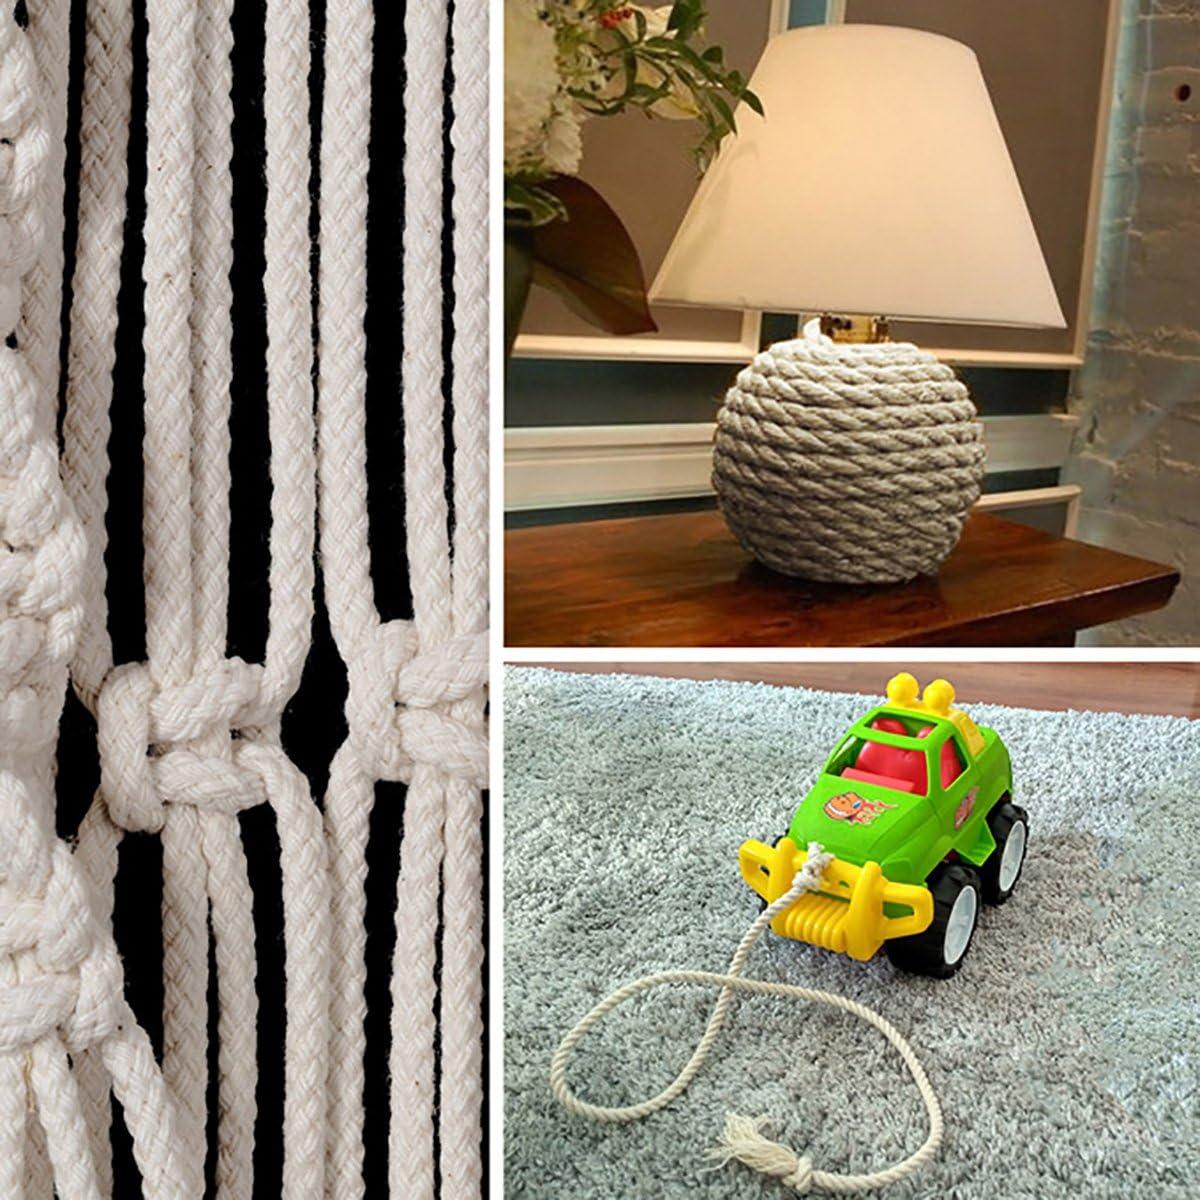 Seilwerk STANKE 30 m Corde de coton 10 mm fibres naturelles torsad/é /à la main gr/éement